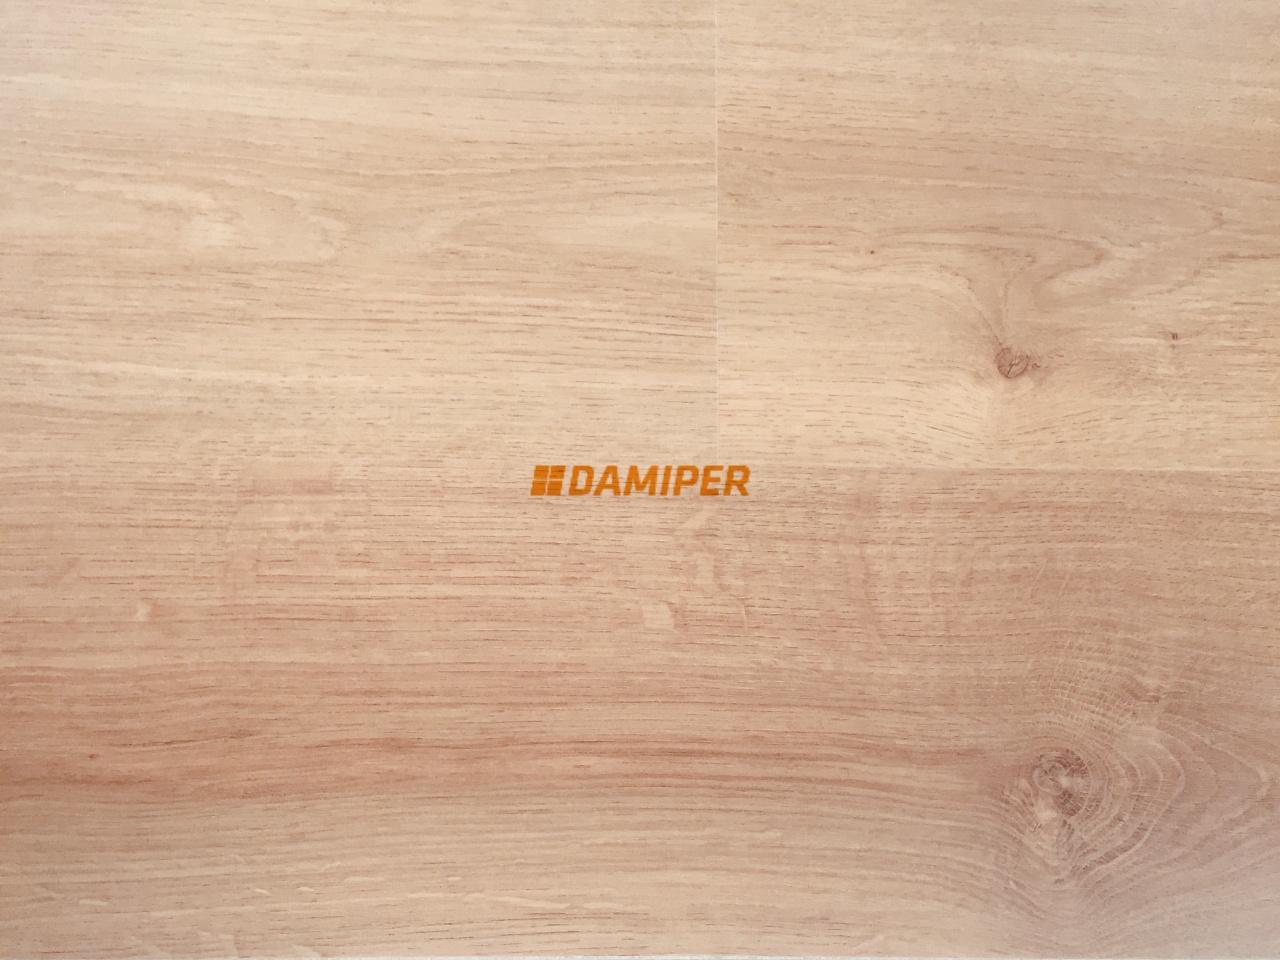 kompozitne_podlahy_egger_greentec_ehd004_dub_velvet_damiper